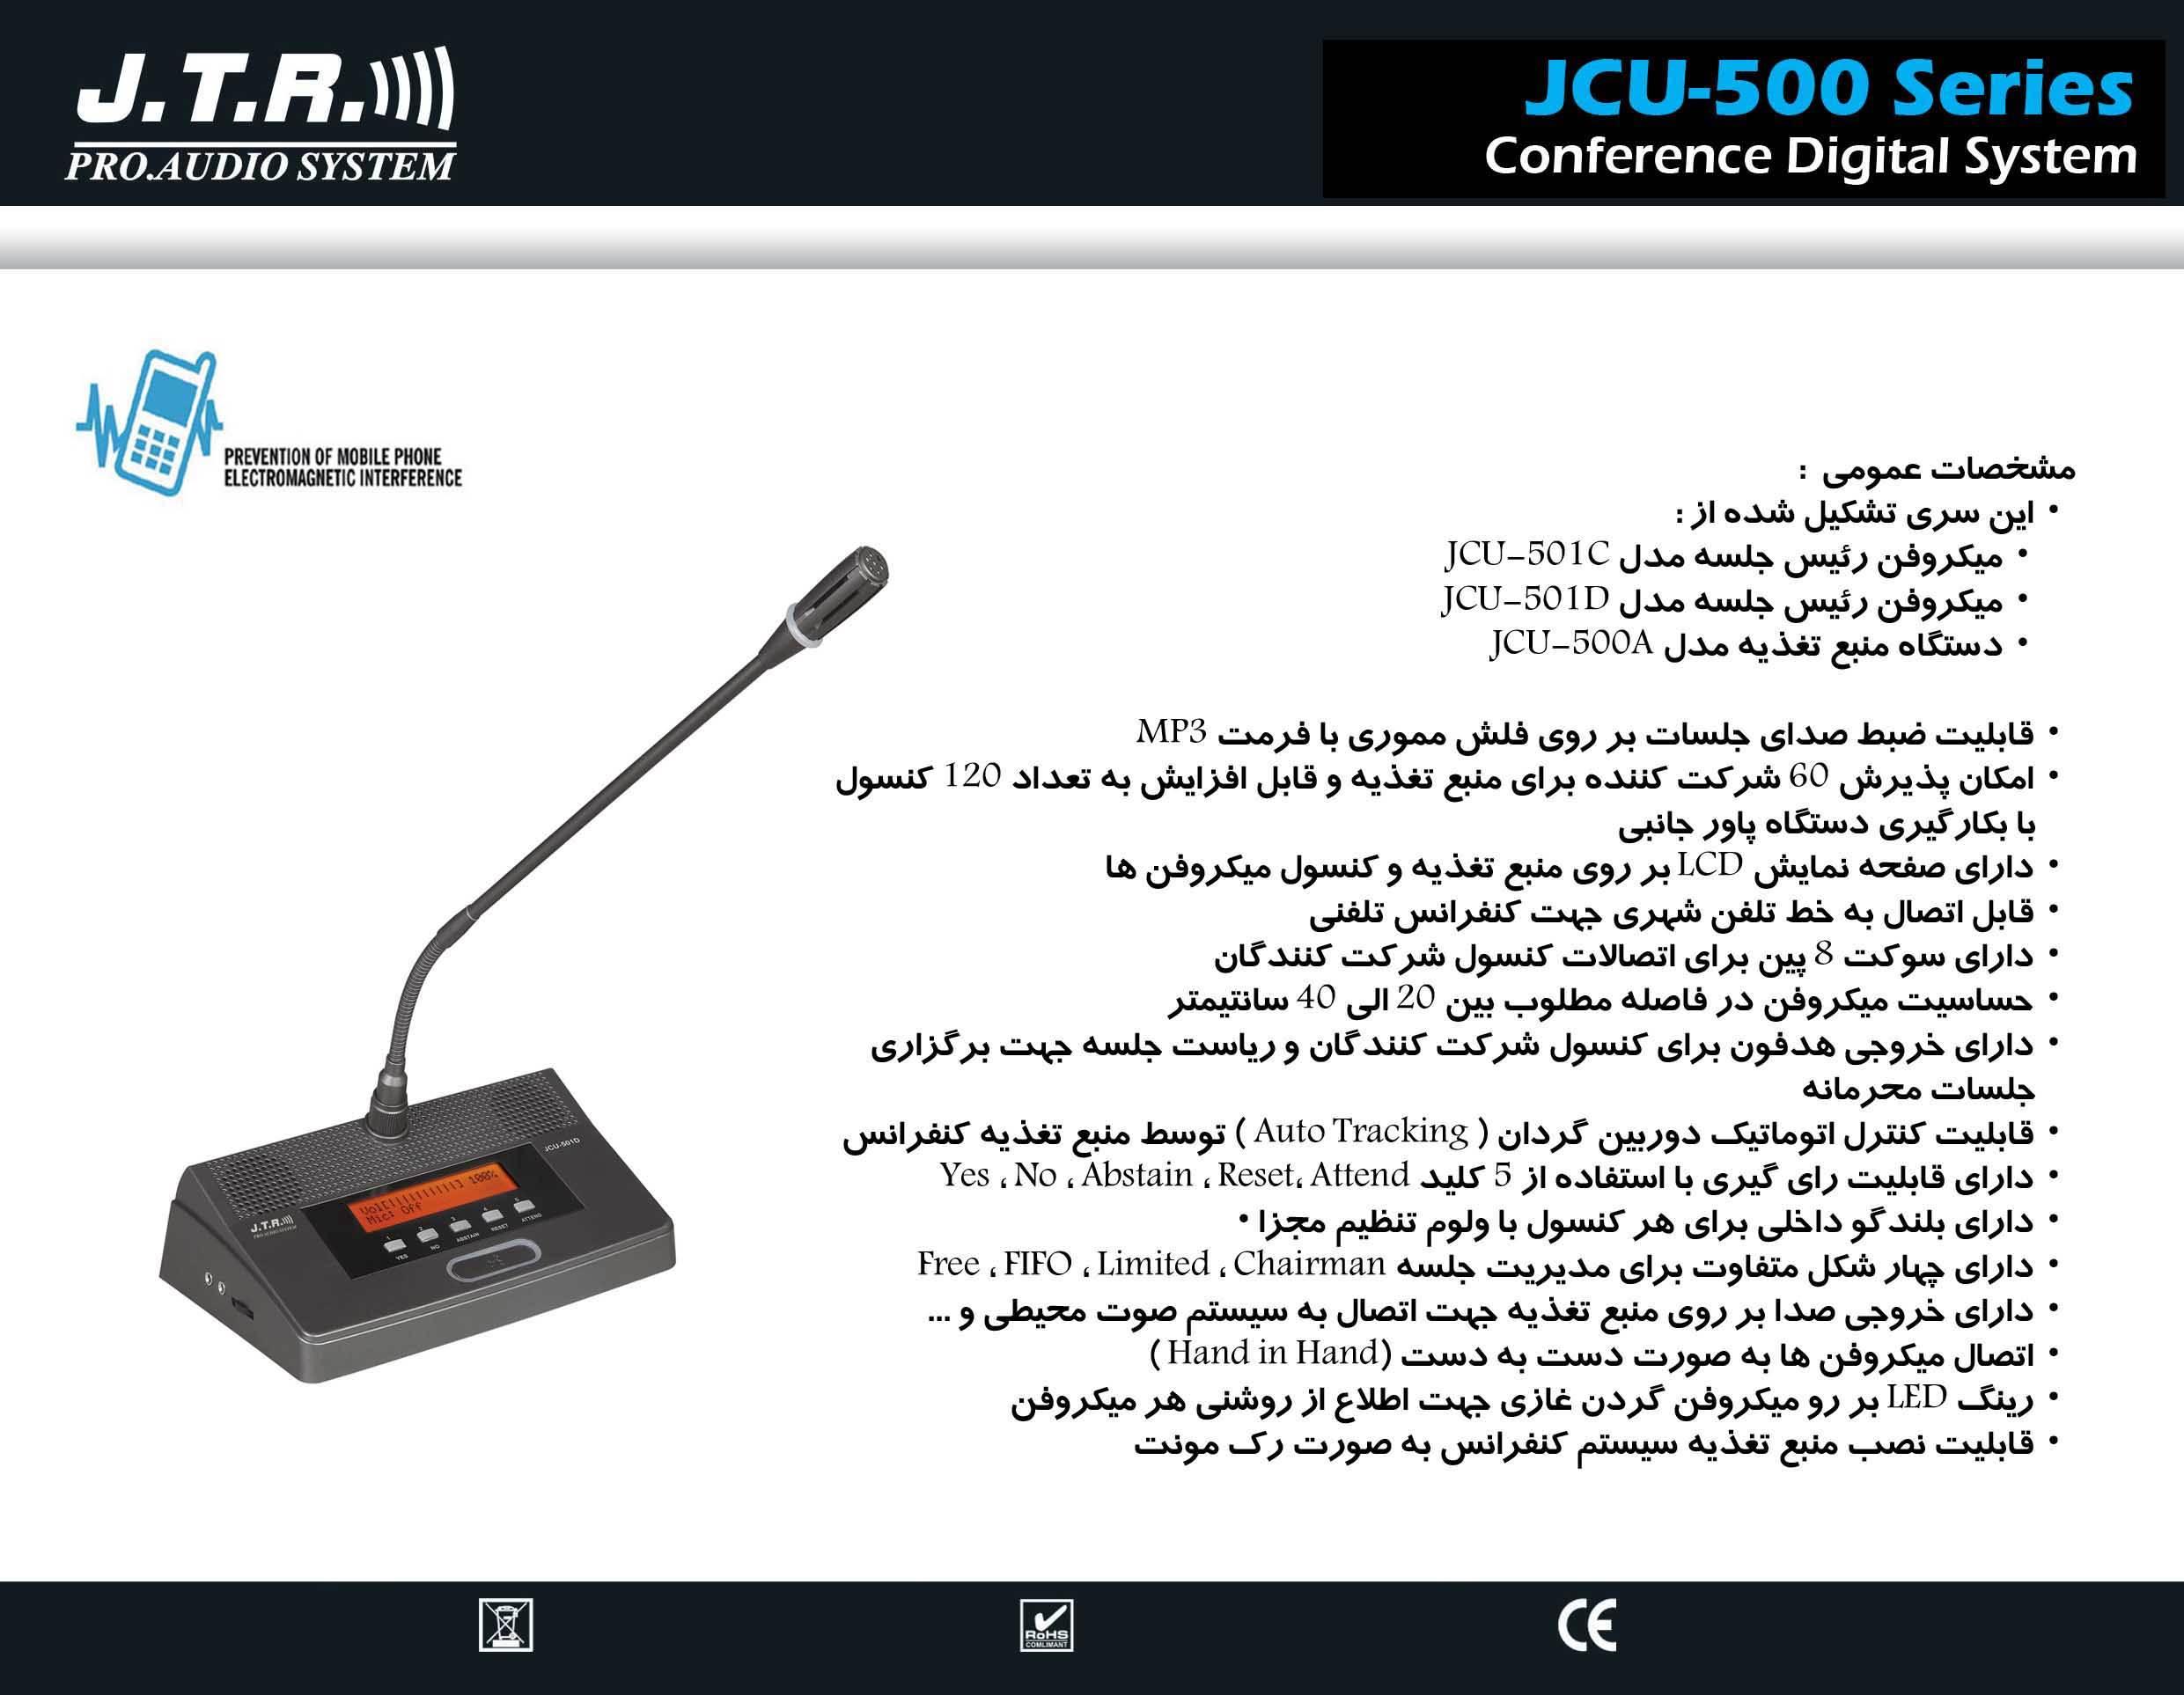 سیستم کنفرانس دیجیتال ساخت کمپانی JTR ( جی تی آر ) سری JCU-500